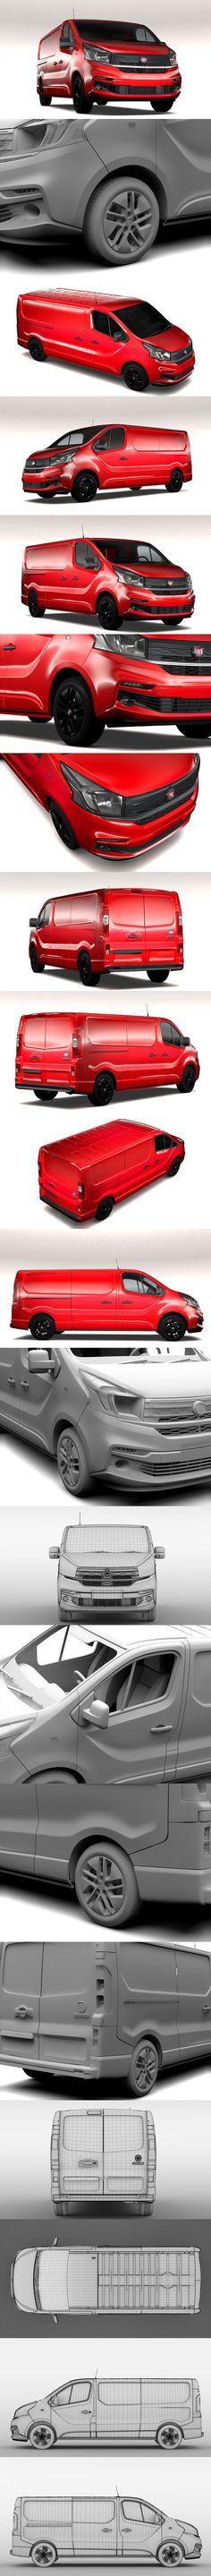 Fiat Talento Van L2 2017. 3D Vehicles